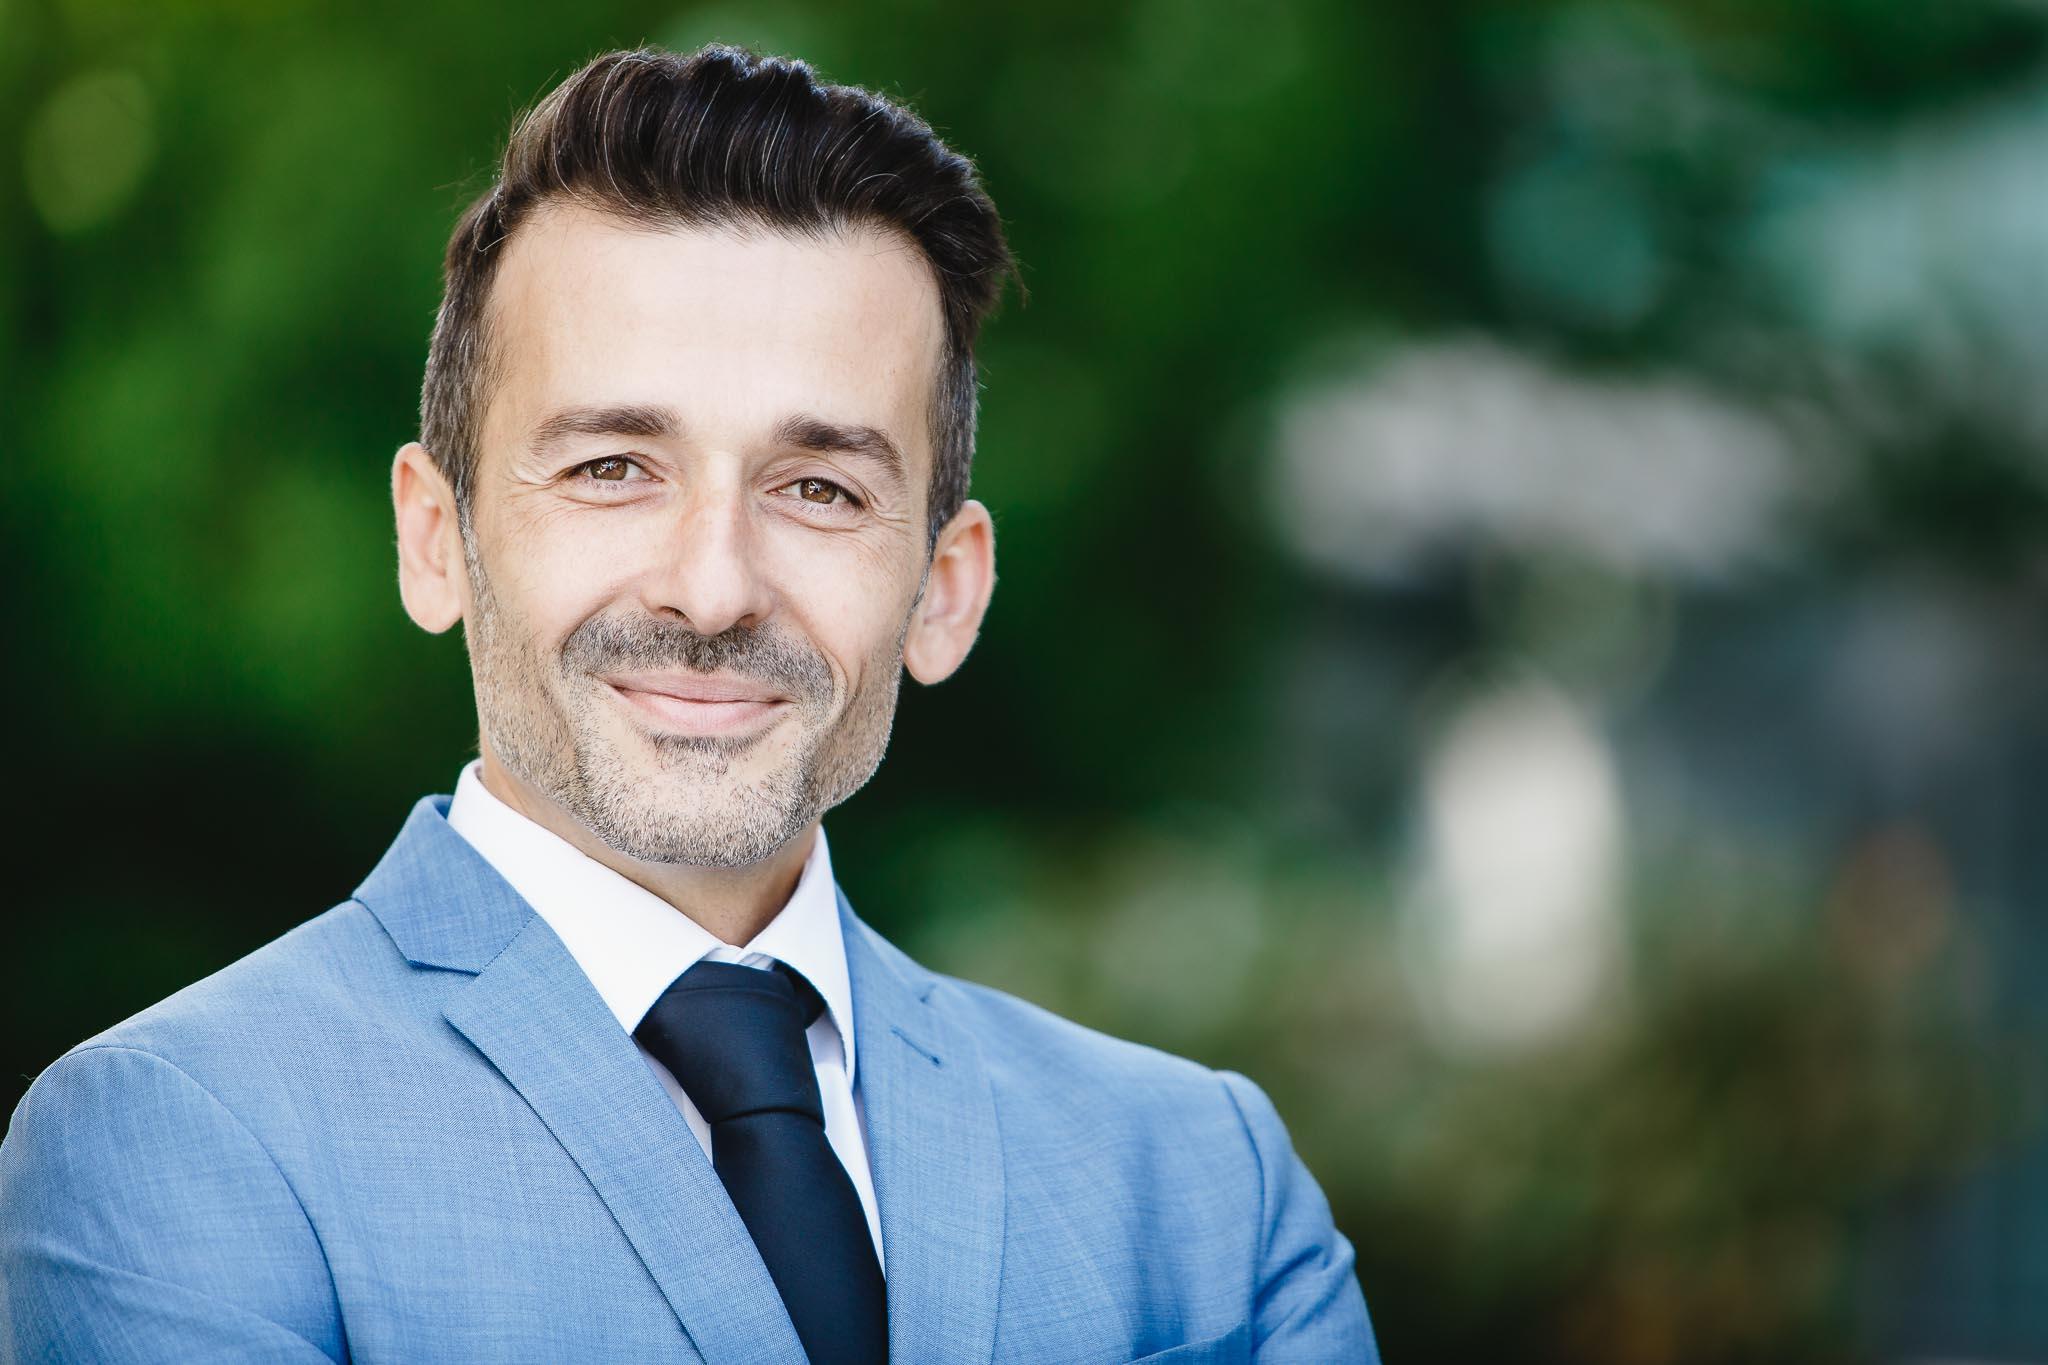 Markus Schneeberger Businessfotografie - markus schneeberger photography 2018 08 27 11 31 59 1 - Businessportrait